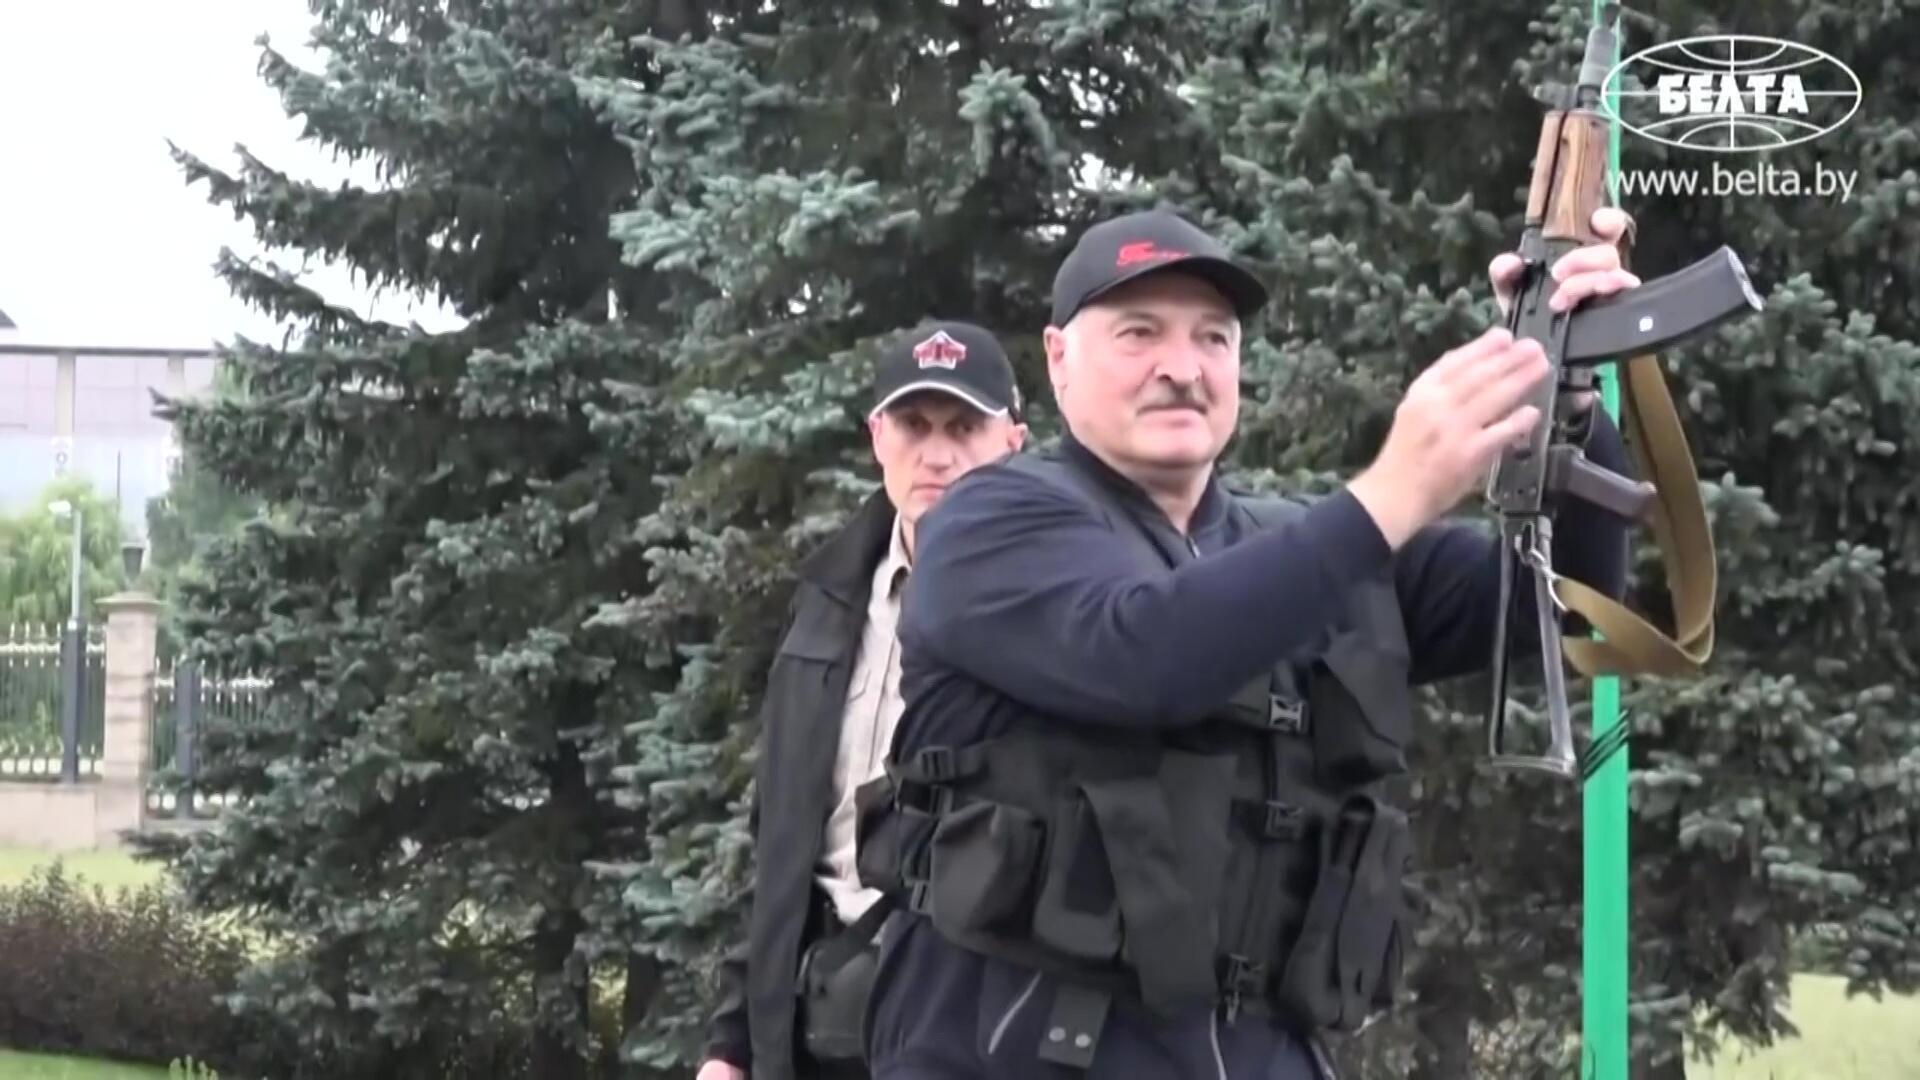 Ранее сам Александр Лукашенко, чью легитимность в качестве президента не признают протестующие, уже демонстрировал свою готовность применить оружие. Минск. 24.08.2020